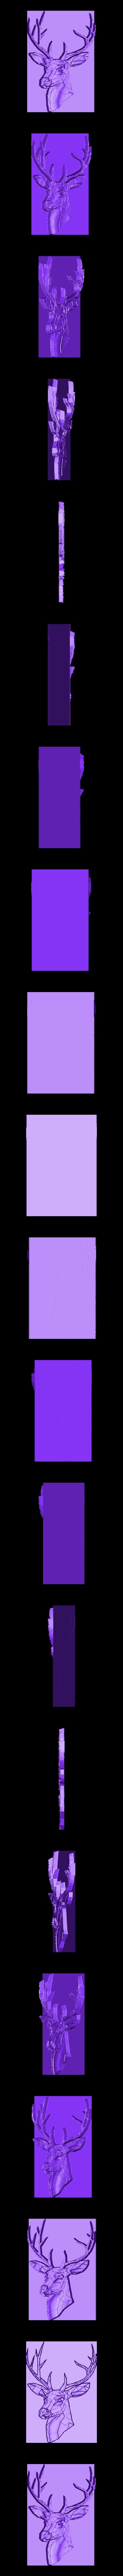 CERB.stl Télécharger fichier STL gratuit Rennes géométrique • Modèle pour impression 3D, 3dlito